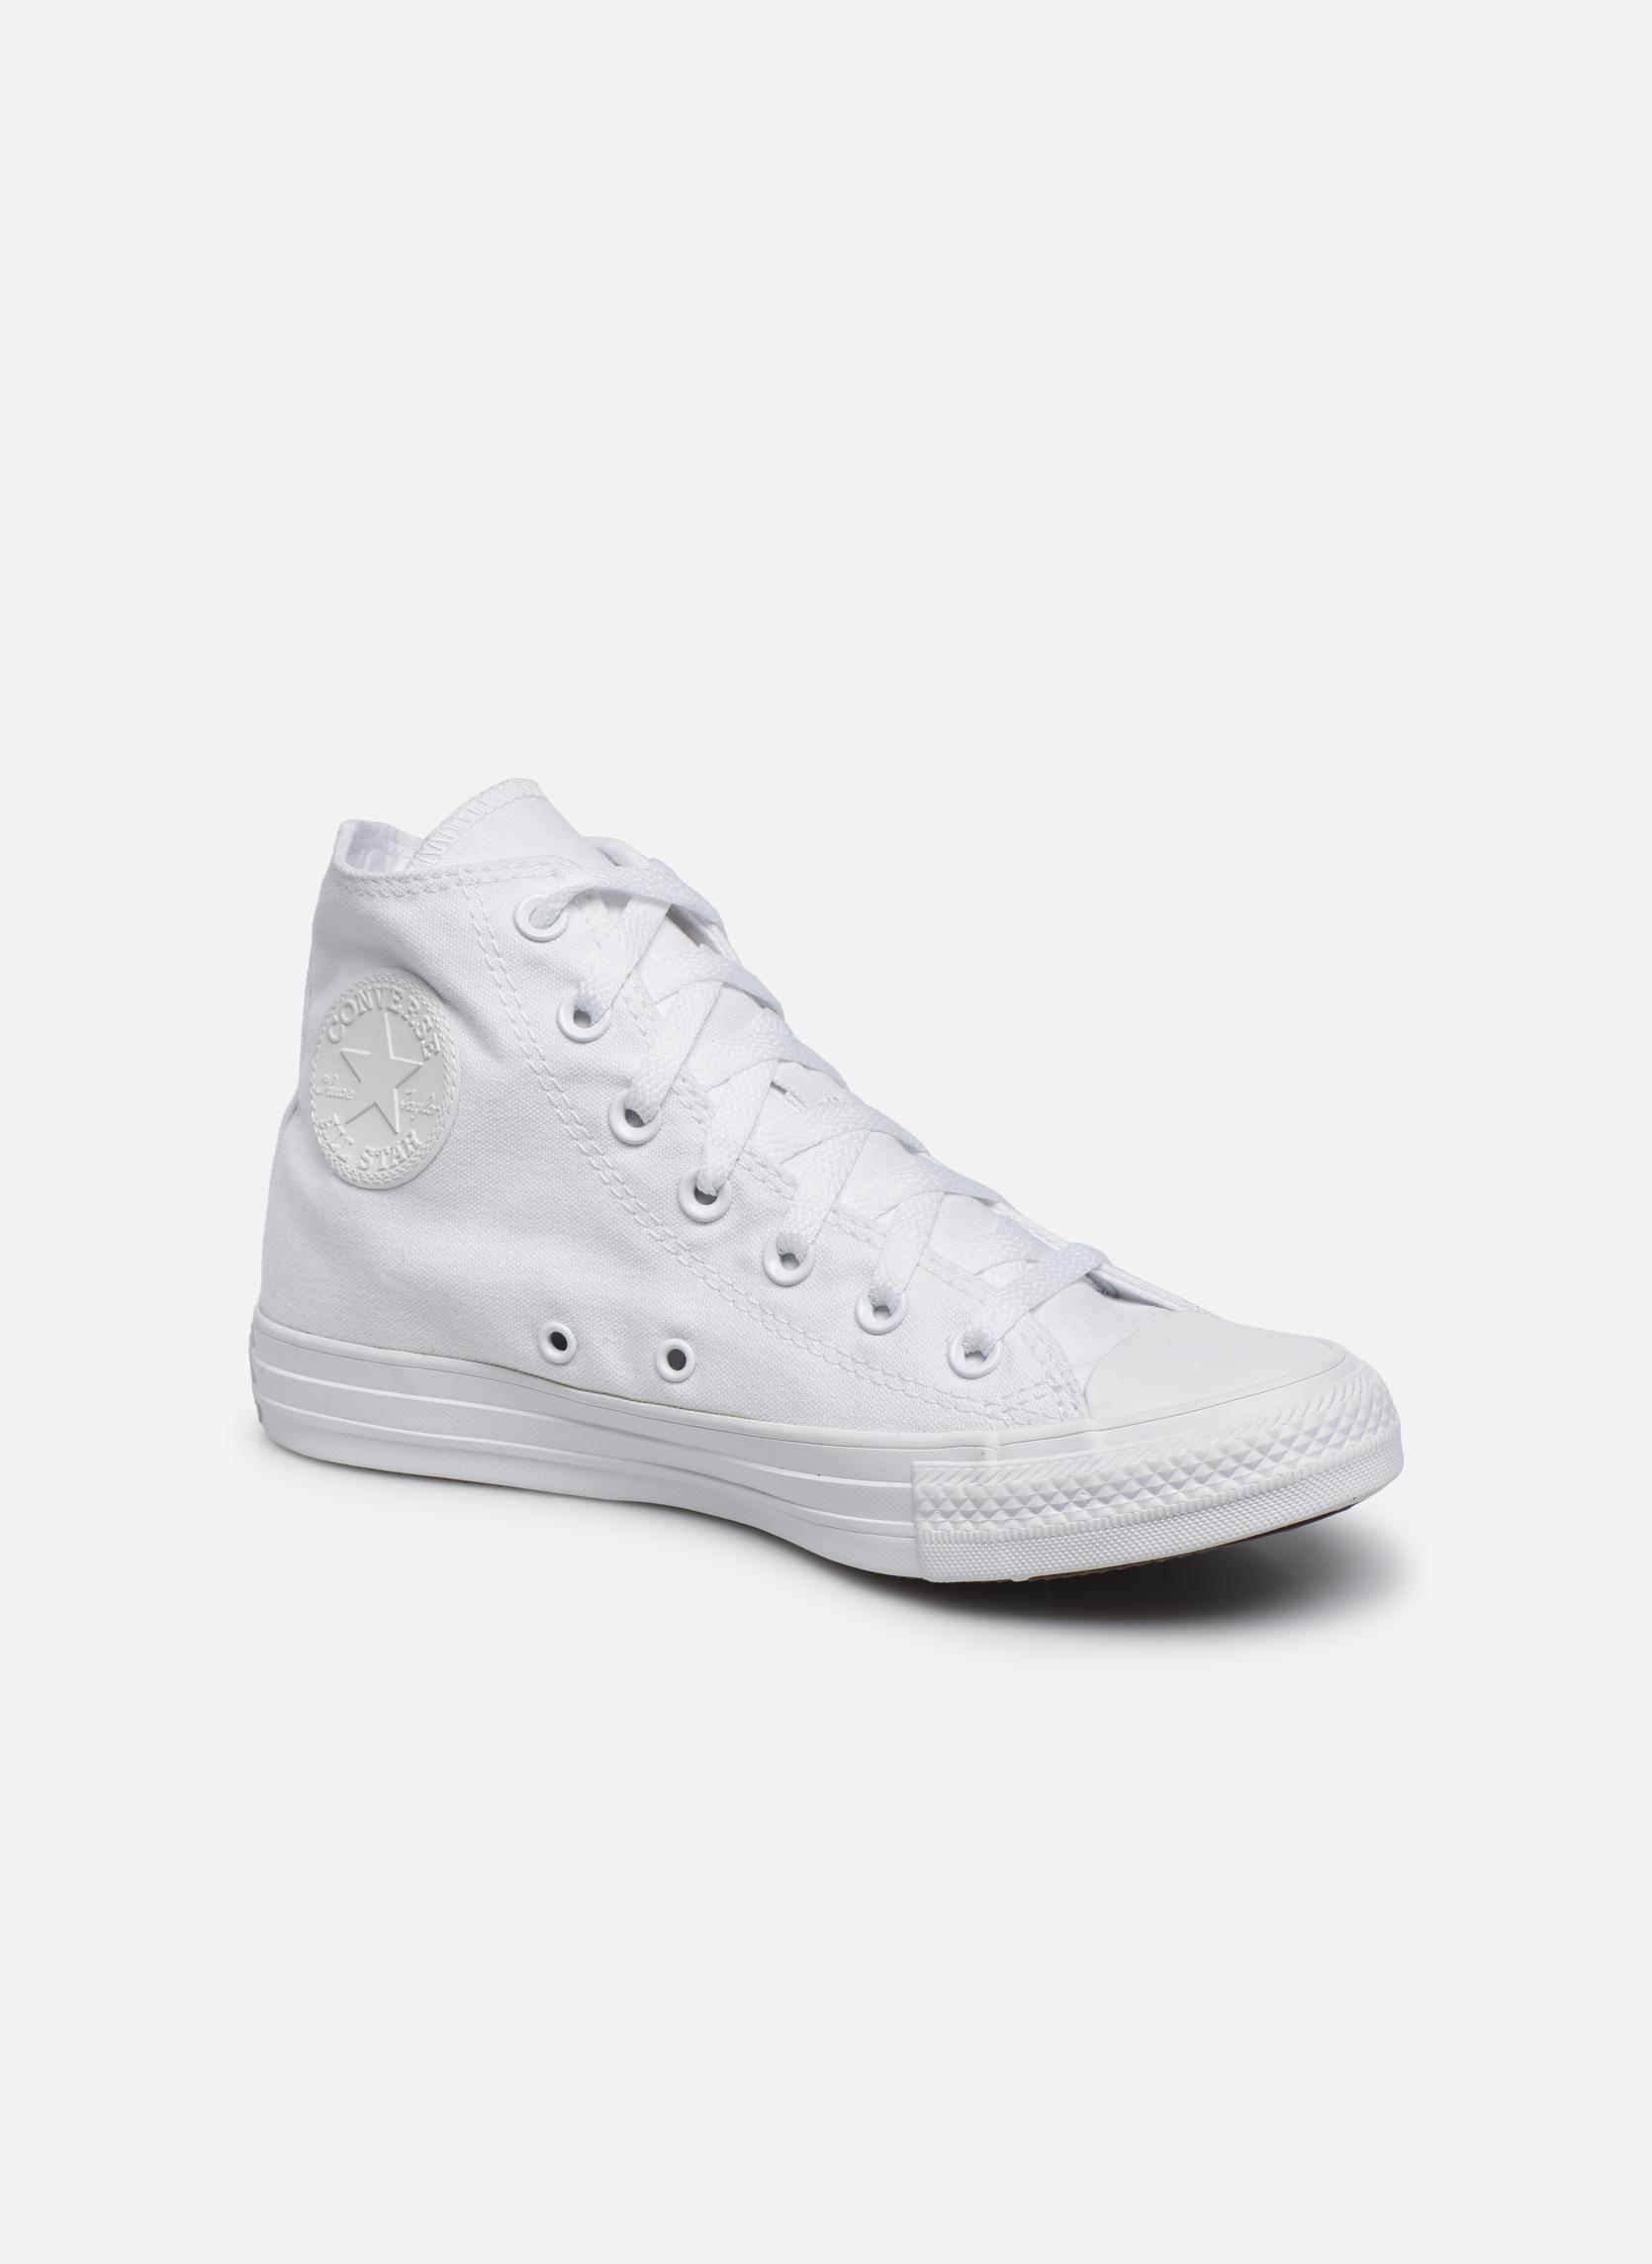 Los últimos zapatos de mujeres descuento para hombres y mujeres de  Converse Chuck Taylor All Star Monochrome Canvas Hi W (Blanco) - Deportivas en Más cómodo 6ffd8f